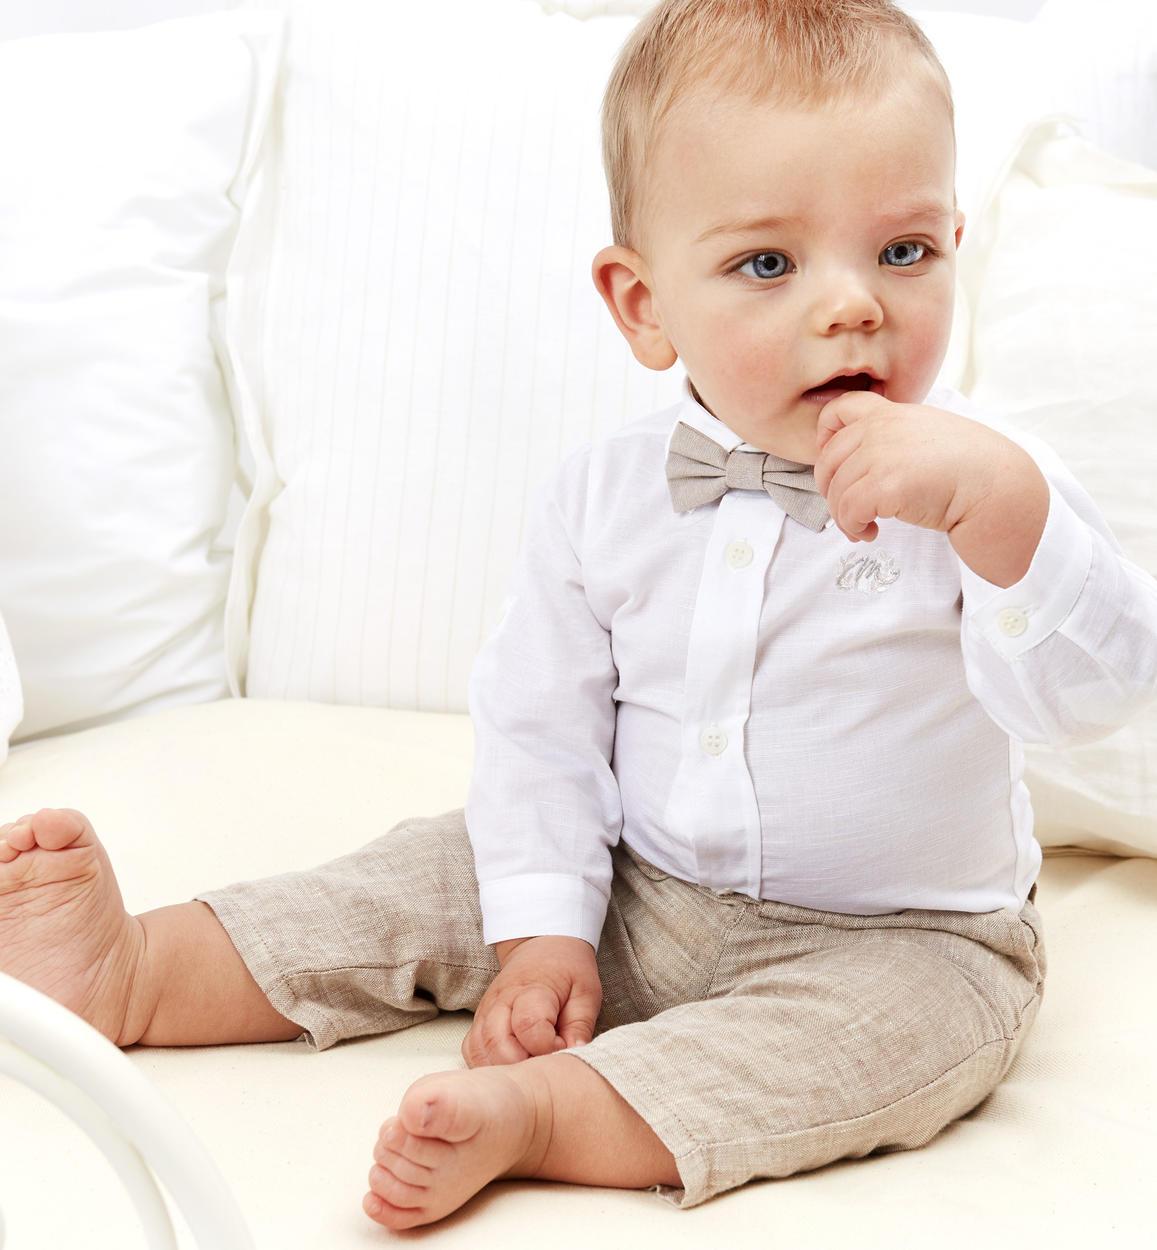 reputable site ed07b 7968c Elegante camicia neonato in misto cotone e lino vestibilità da 0 a 24 mesi  Minibanda